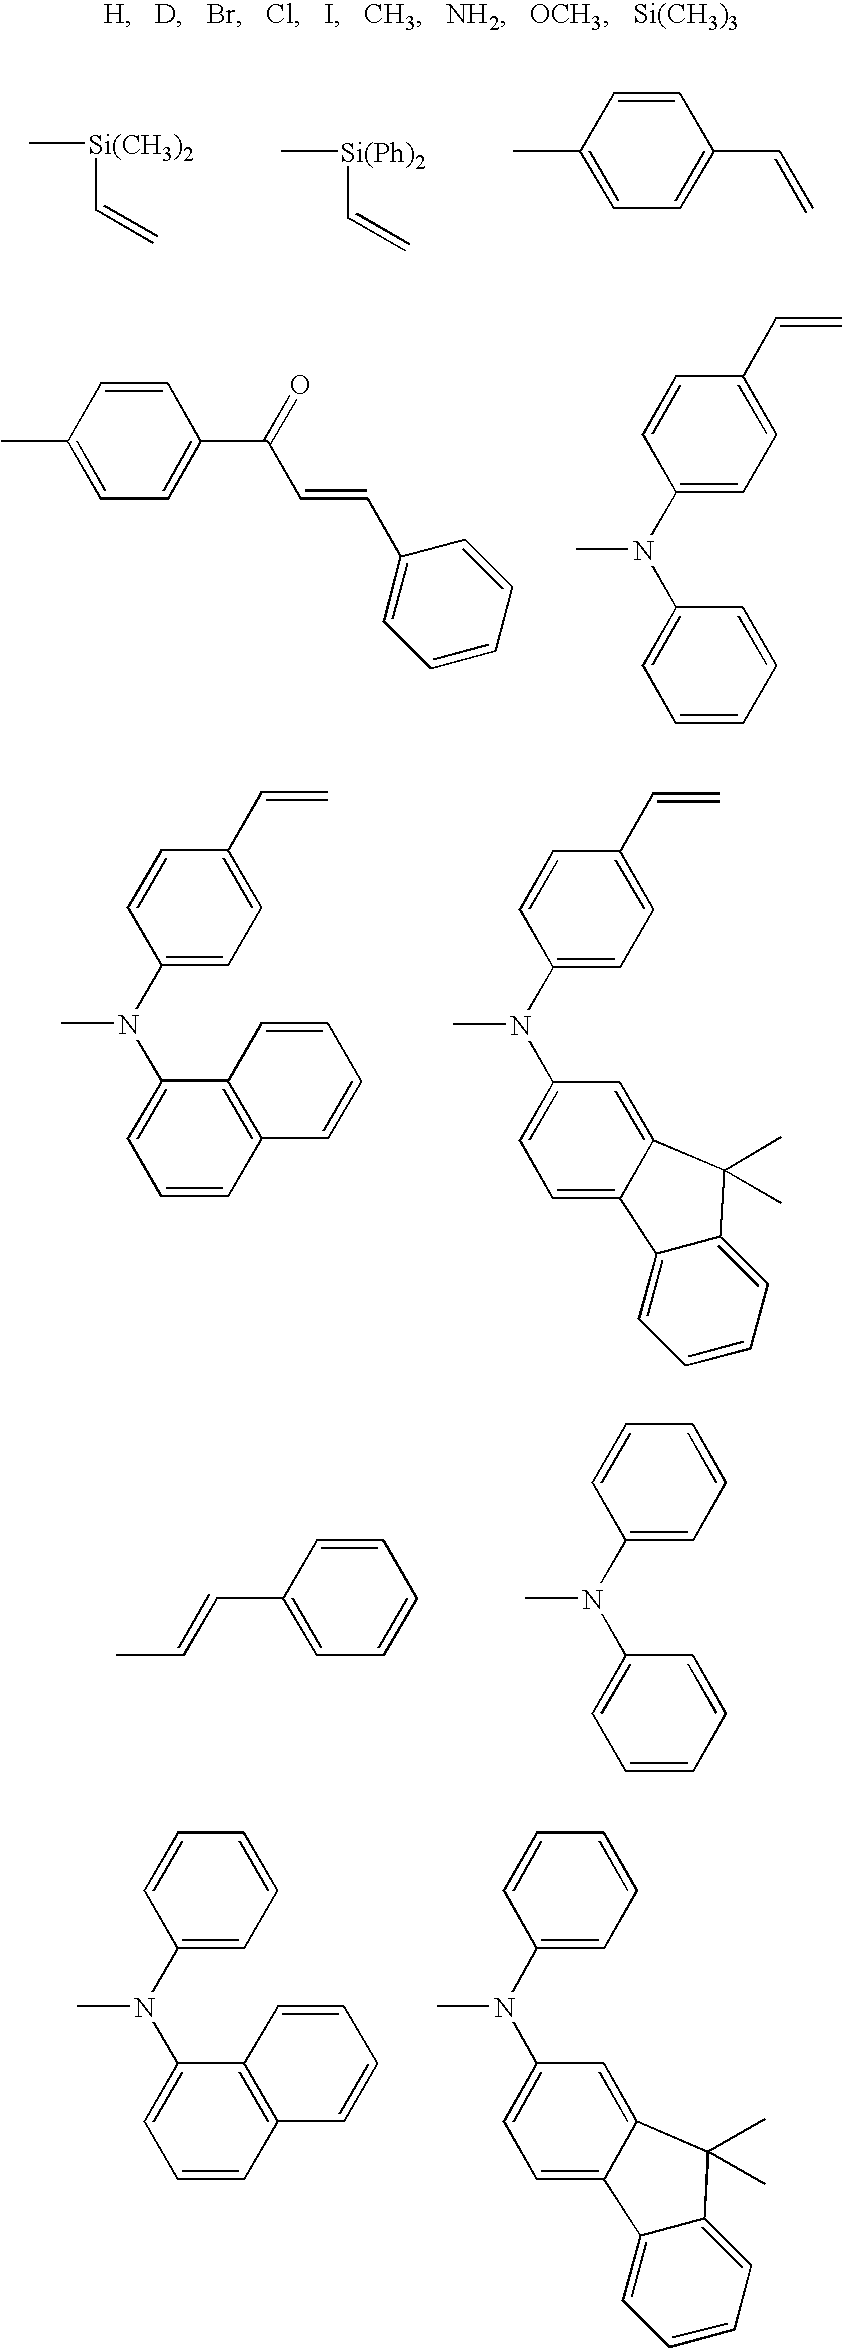 Figure US20040106004A1-20040603-C00022